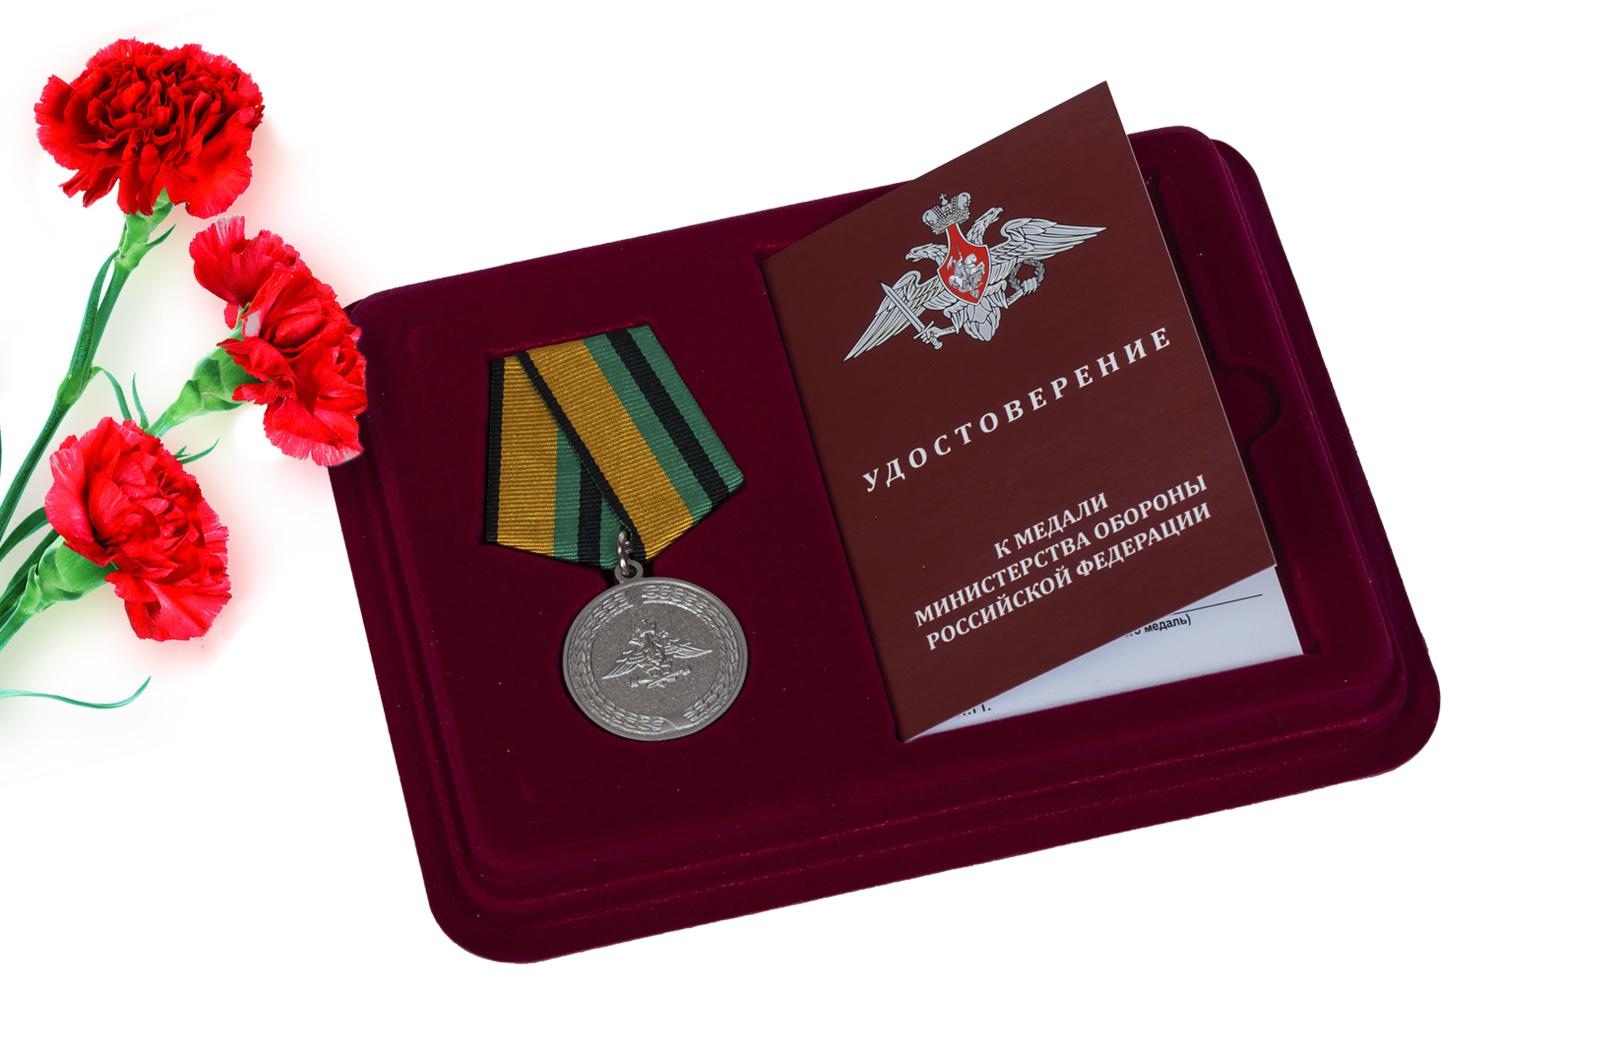 Купить медаль МО РФ За службу в железнодорожных войсках оптом или в розницу